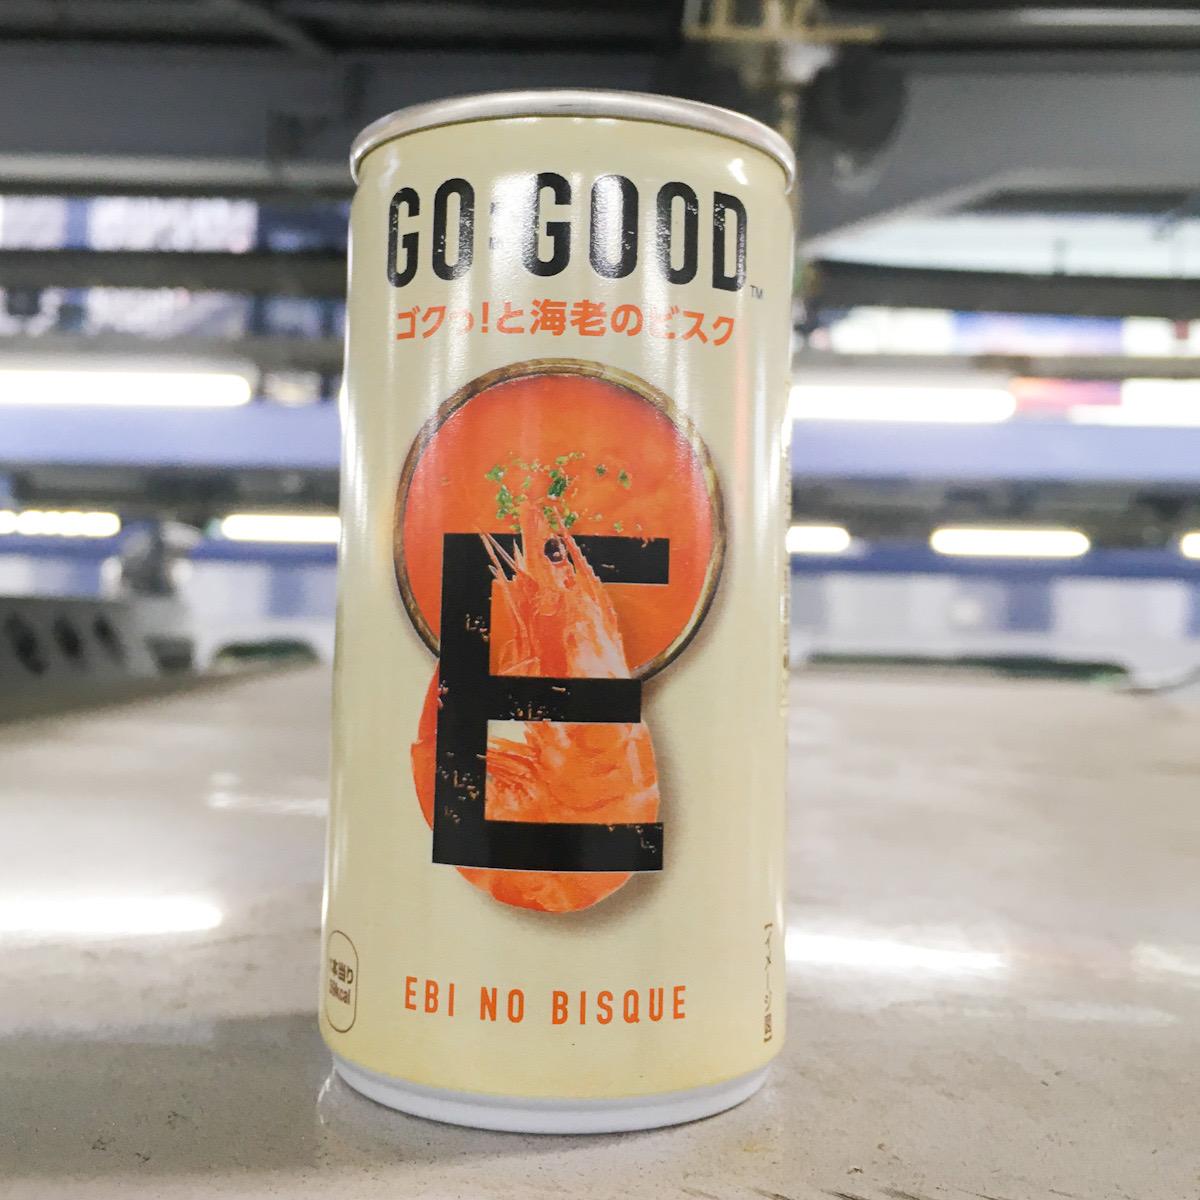 海老 の ビスク 缶